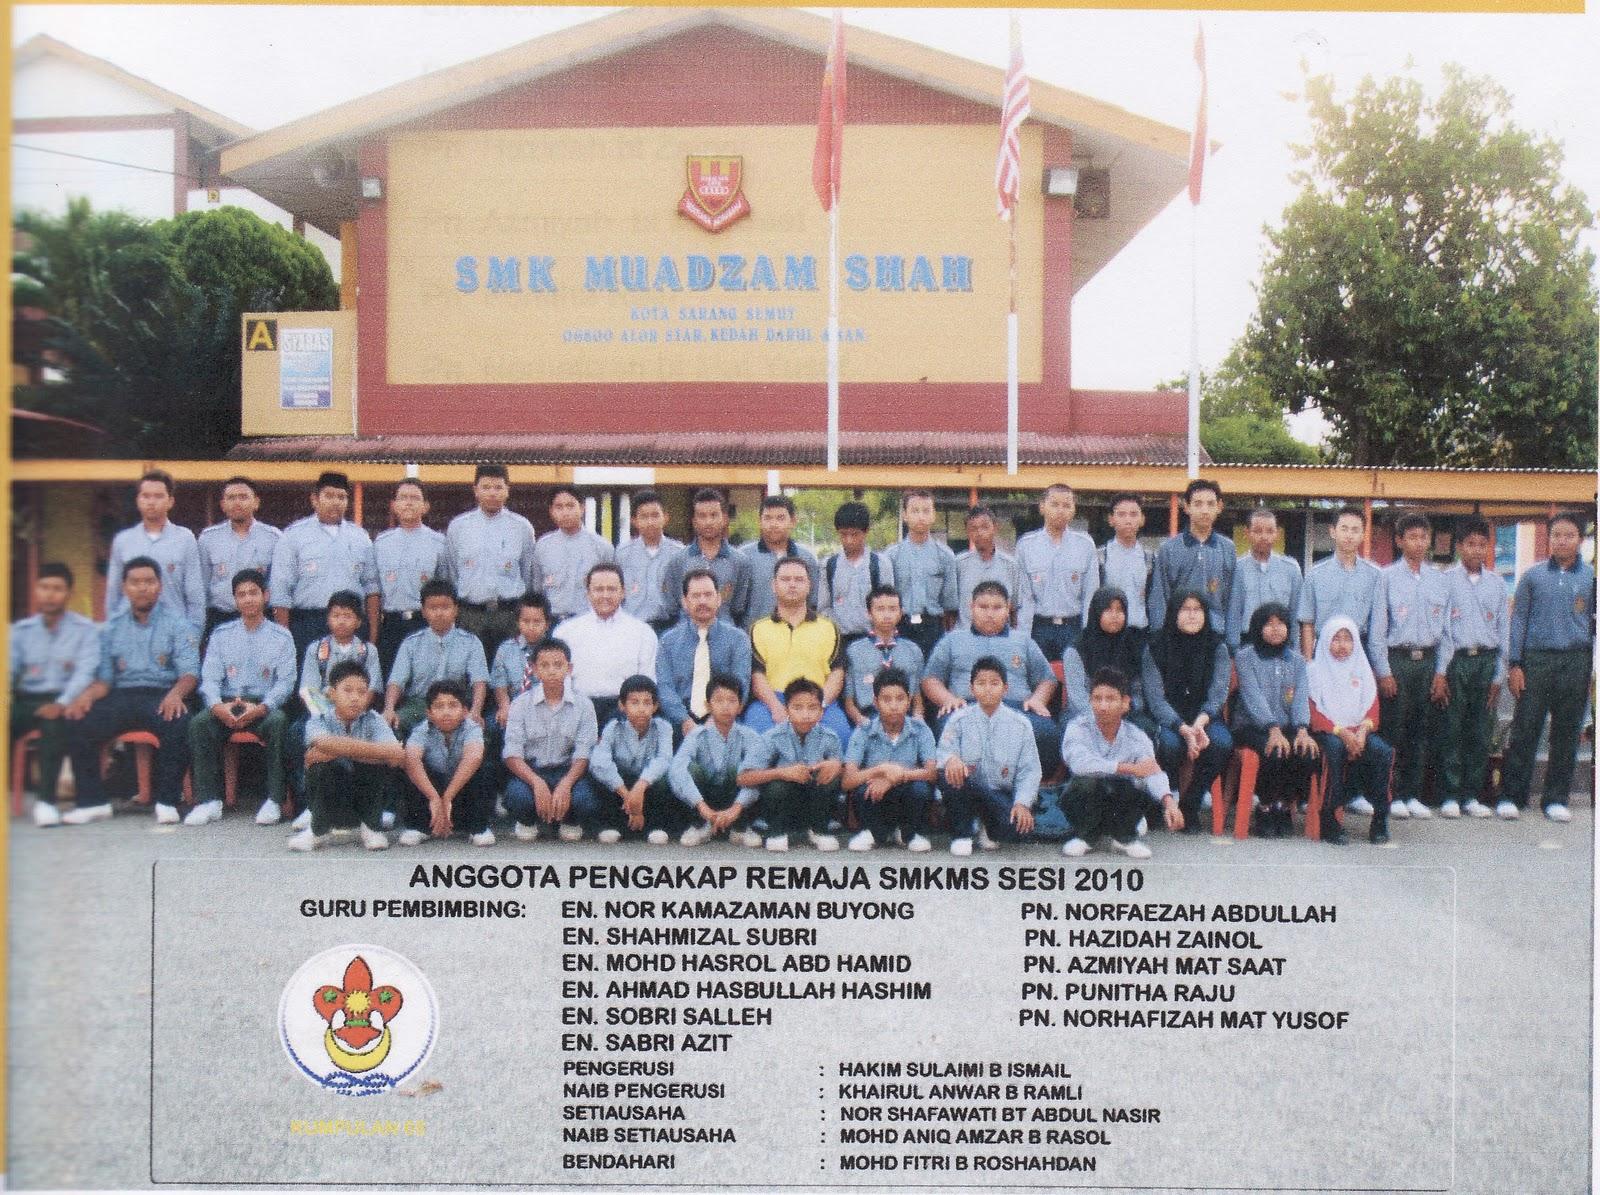 Pemimpin Pengakap SMK Muadzam Shah Kota Sarang Semut Kedah